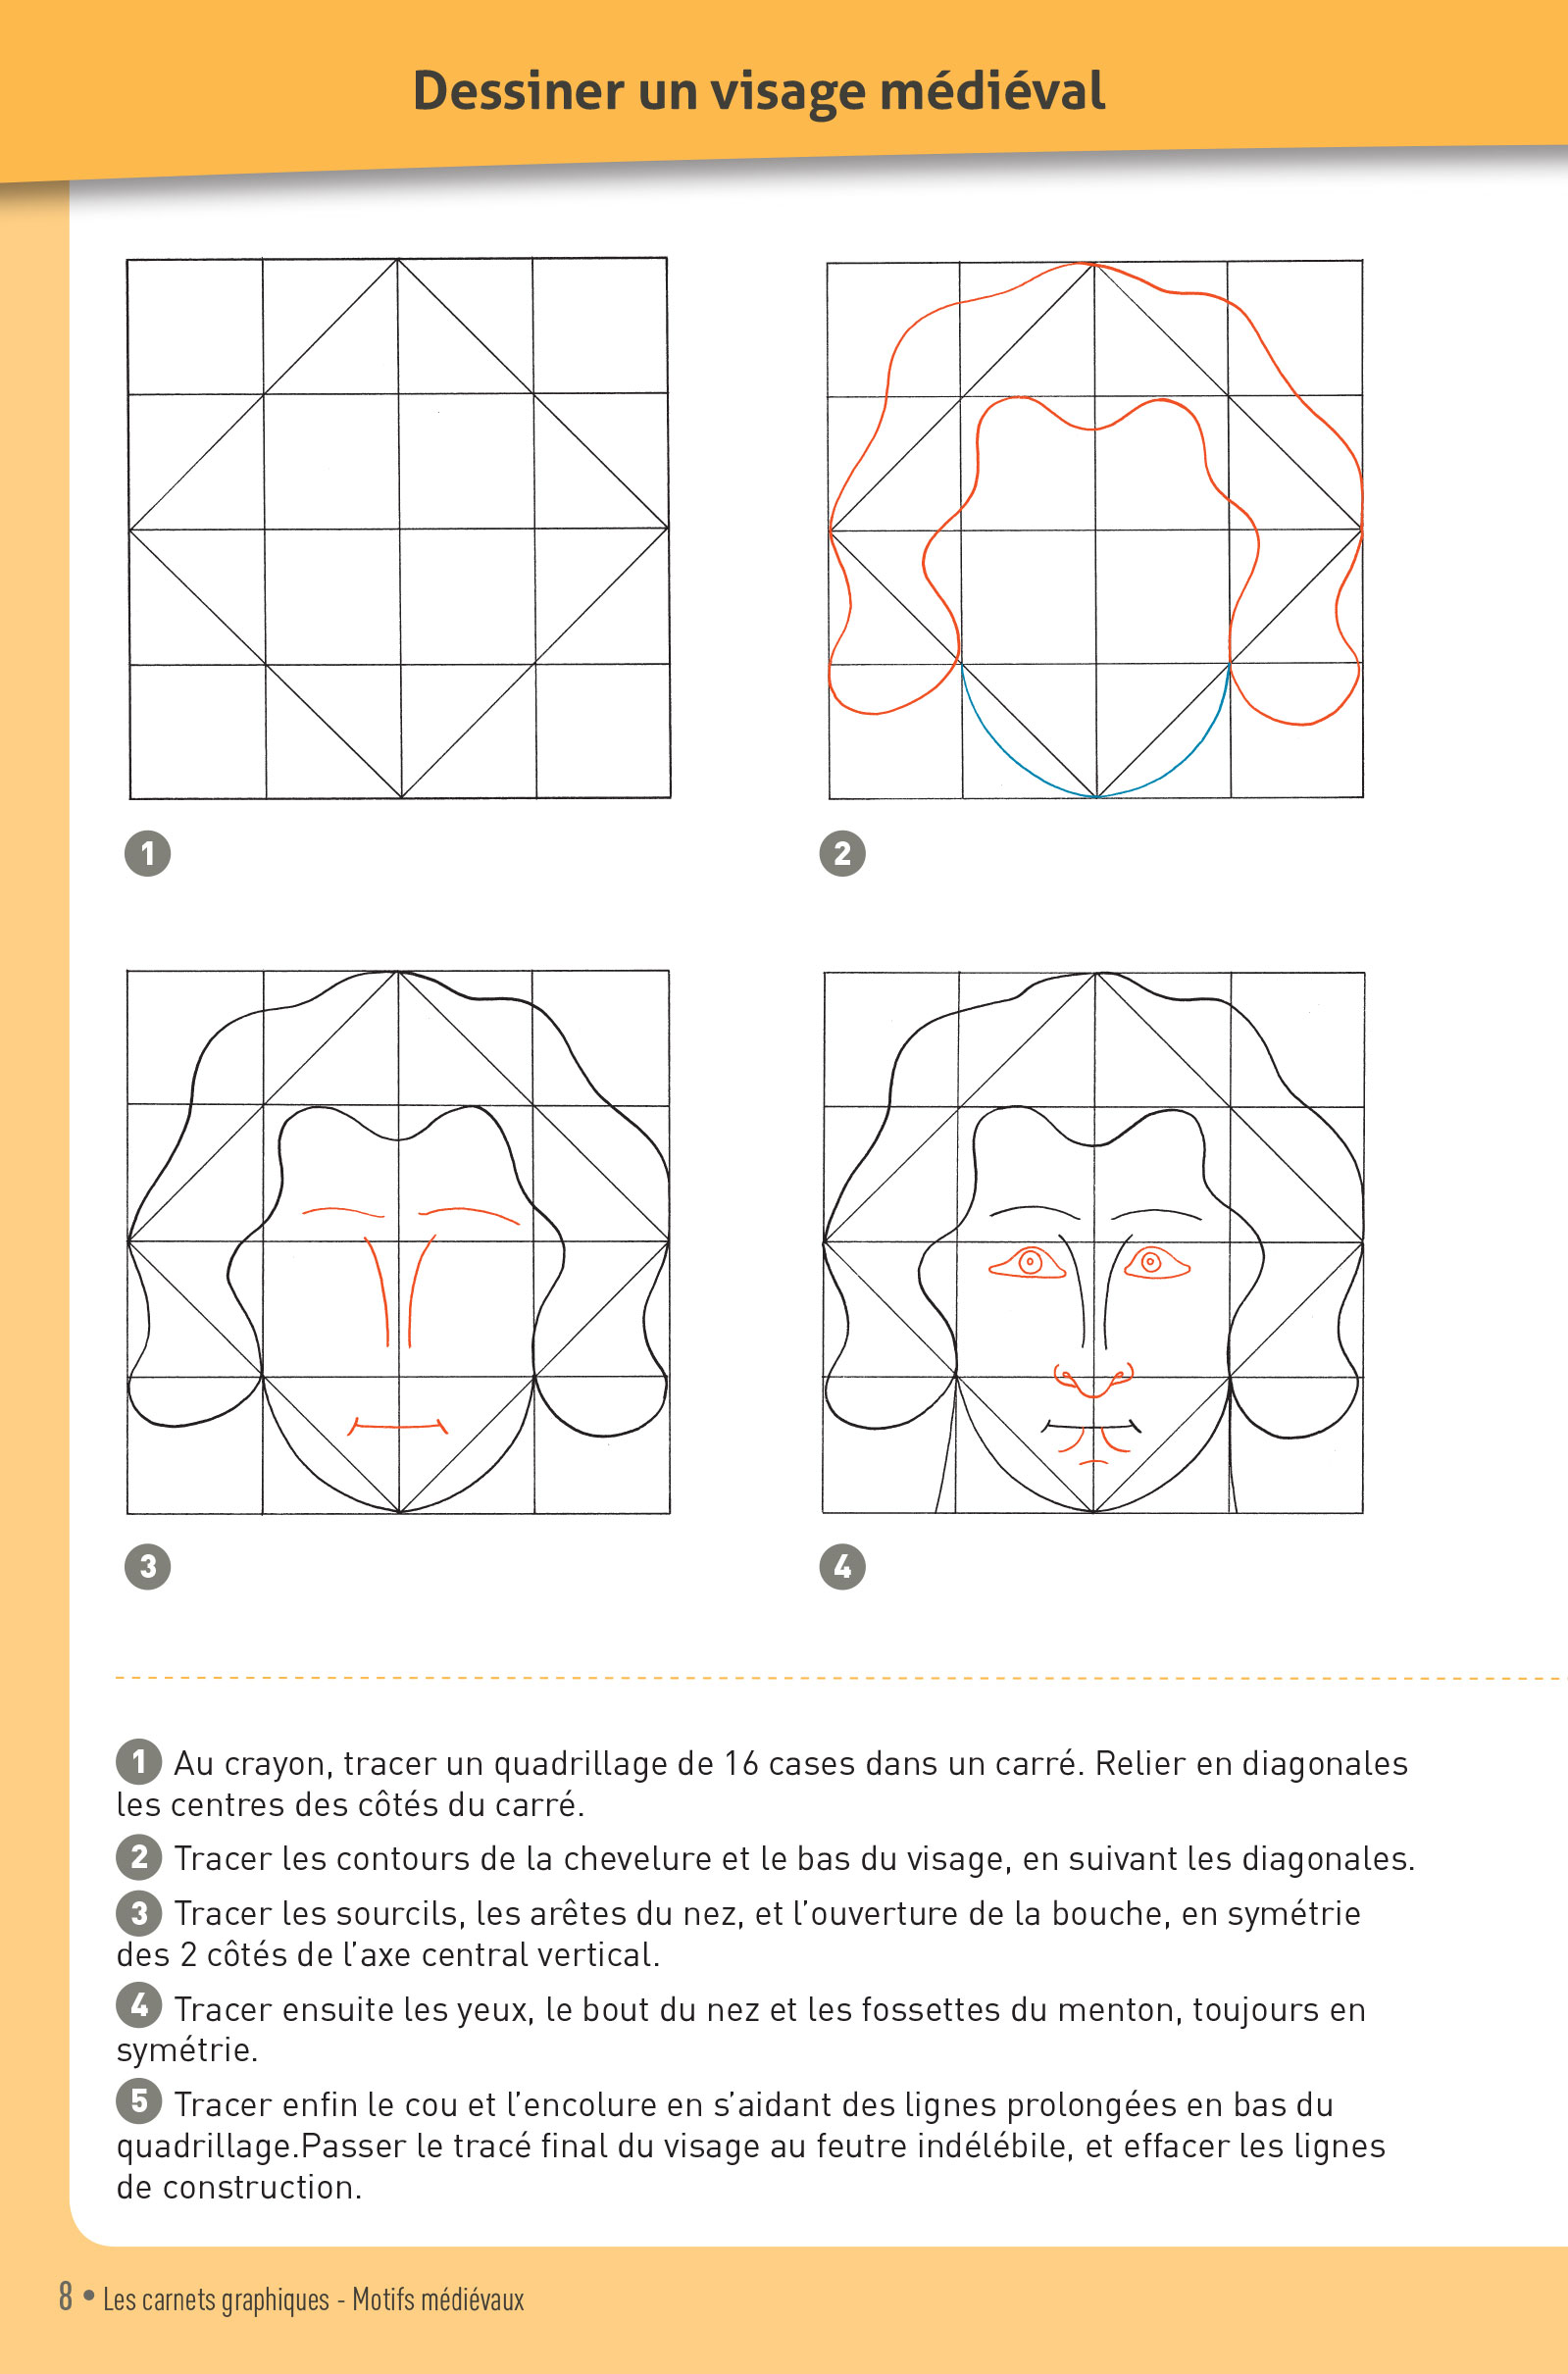 p.8 Carnet graphique motifs mediévaux